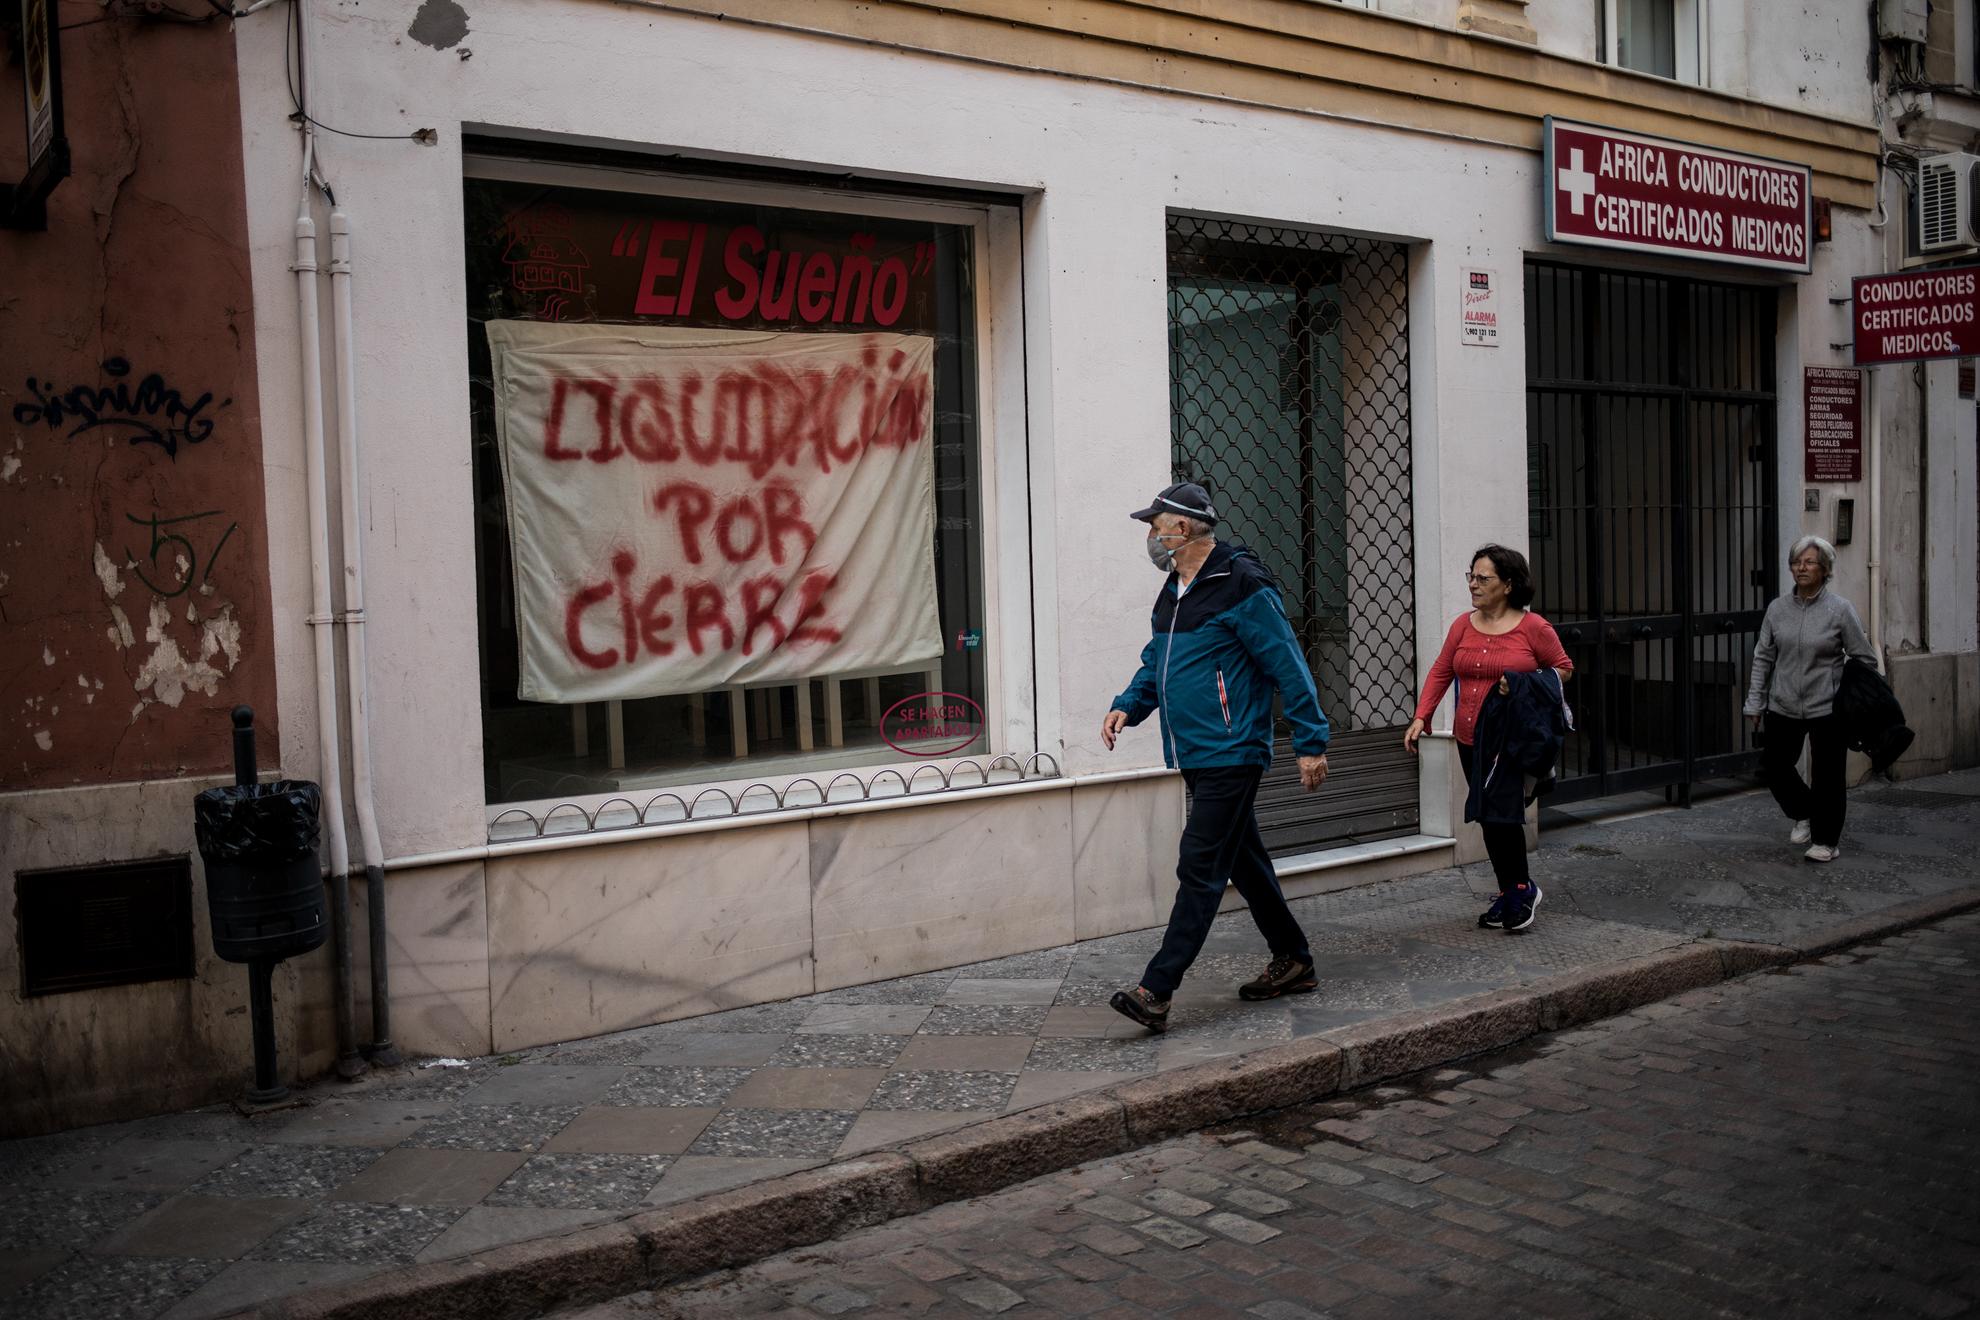 La crisis económica resultado de la pandemia por COVID-19 ha llegado con efectos devastadores para la economía. En la ciudad de Jerez, con unos de los mayores índices de desempleo en España, el impacto es notable. Un negocio cerrado en la céntrica Calle Honda, tradicionalmente lugar de compras, hace recordar tiempos pasados de la crisis económica anterior. En dicha calle el número de locales comerciales cerrados llega a la decena, casi la mitad.